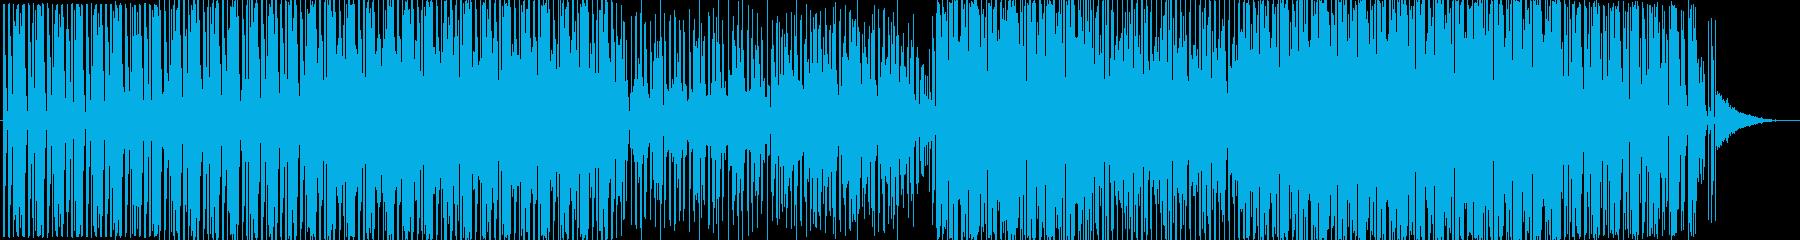 ハウスです。24bit,48kHz環境…の再生済みの波形